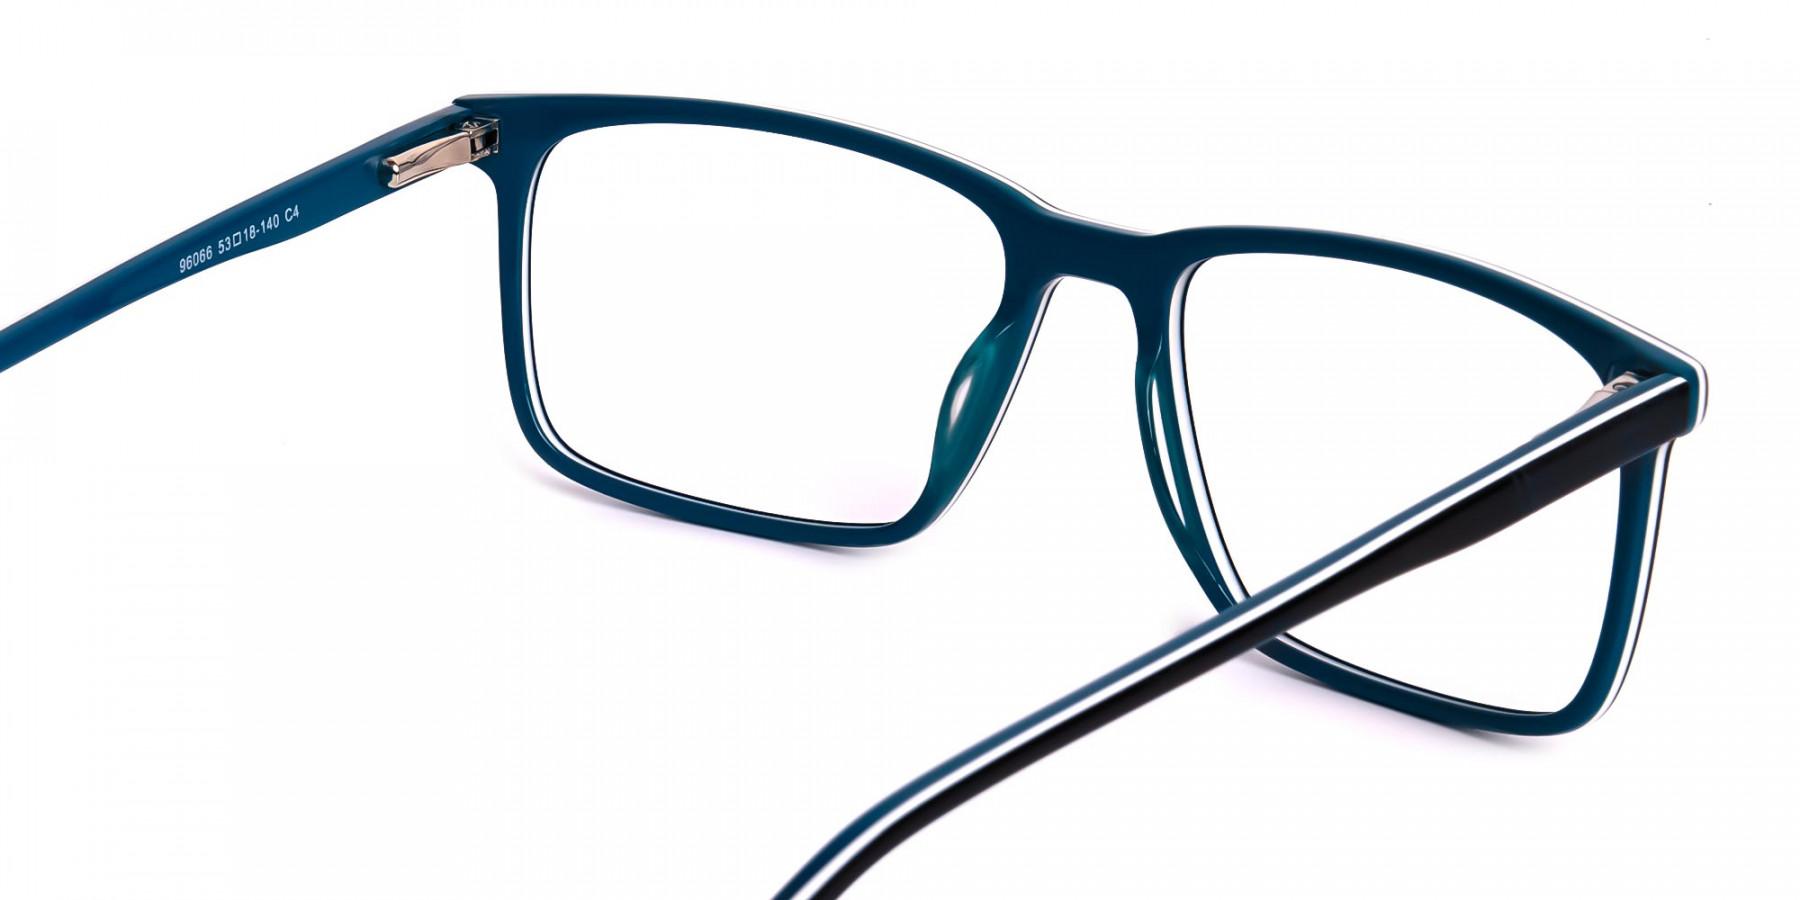 black-teal-full-rim-rectangular-glasses-frames-1